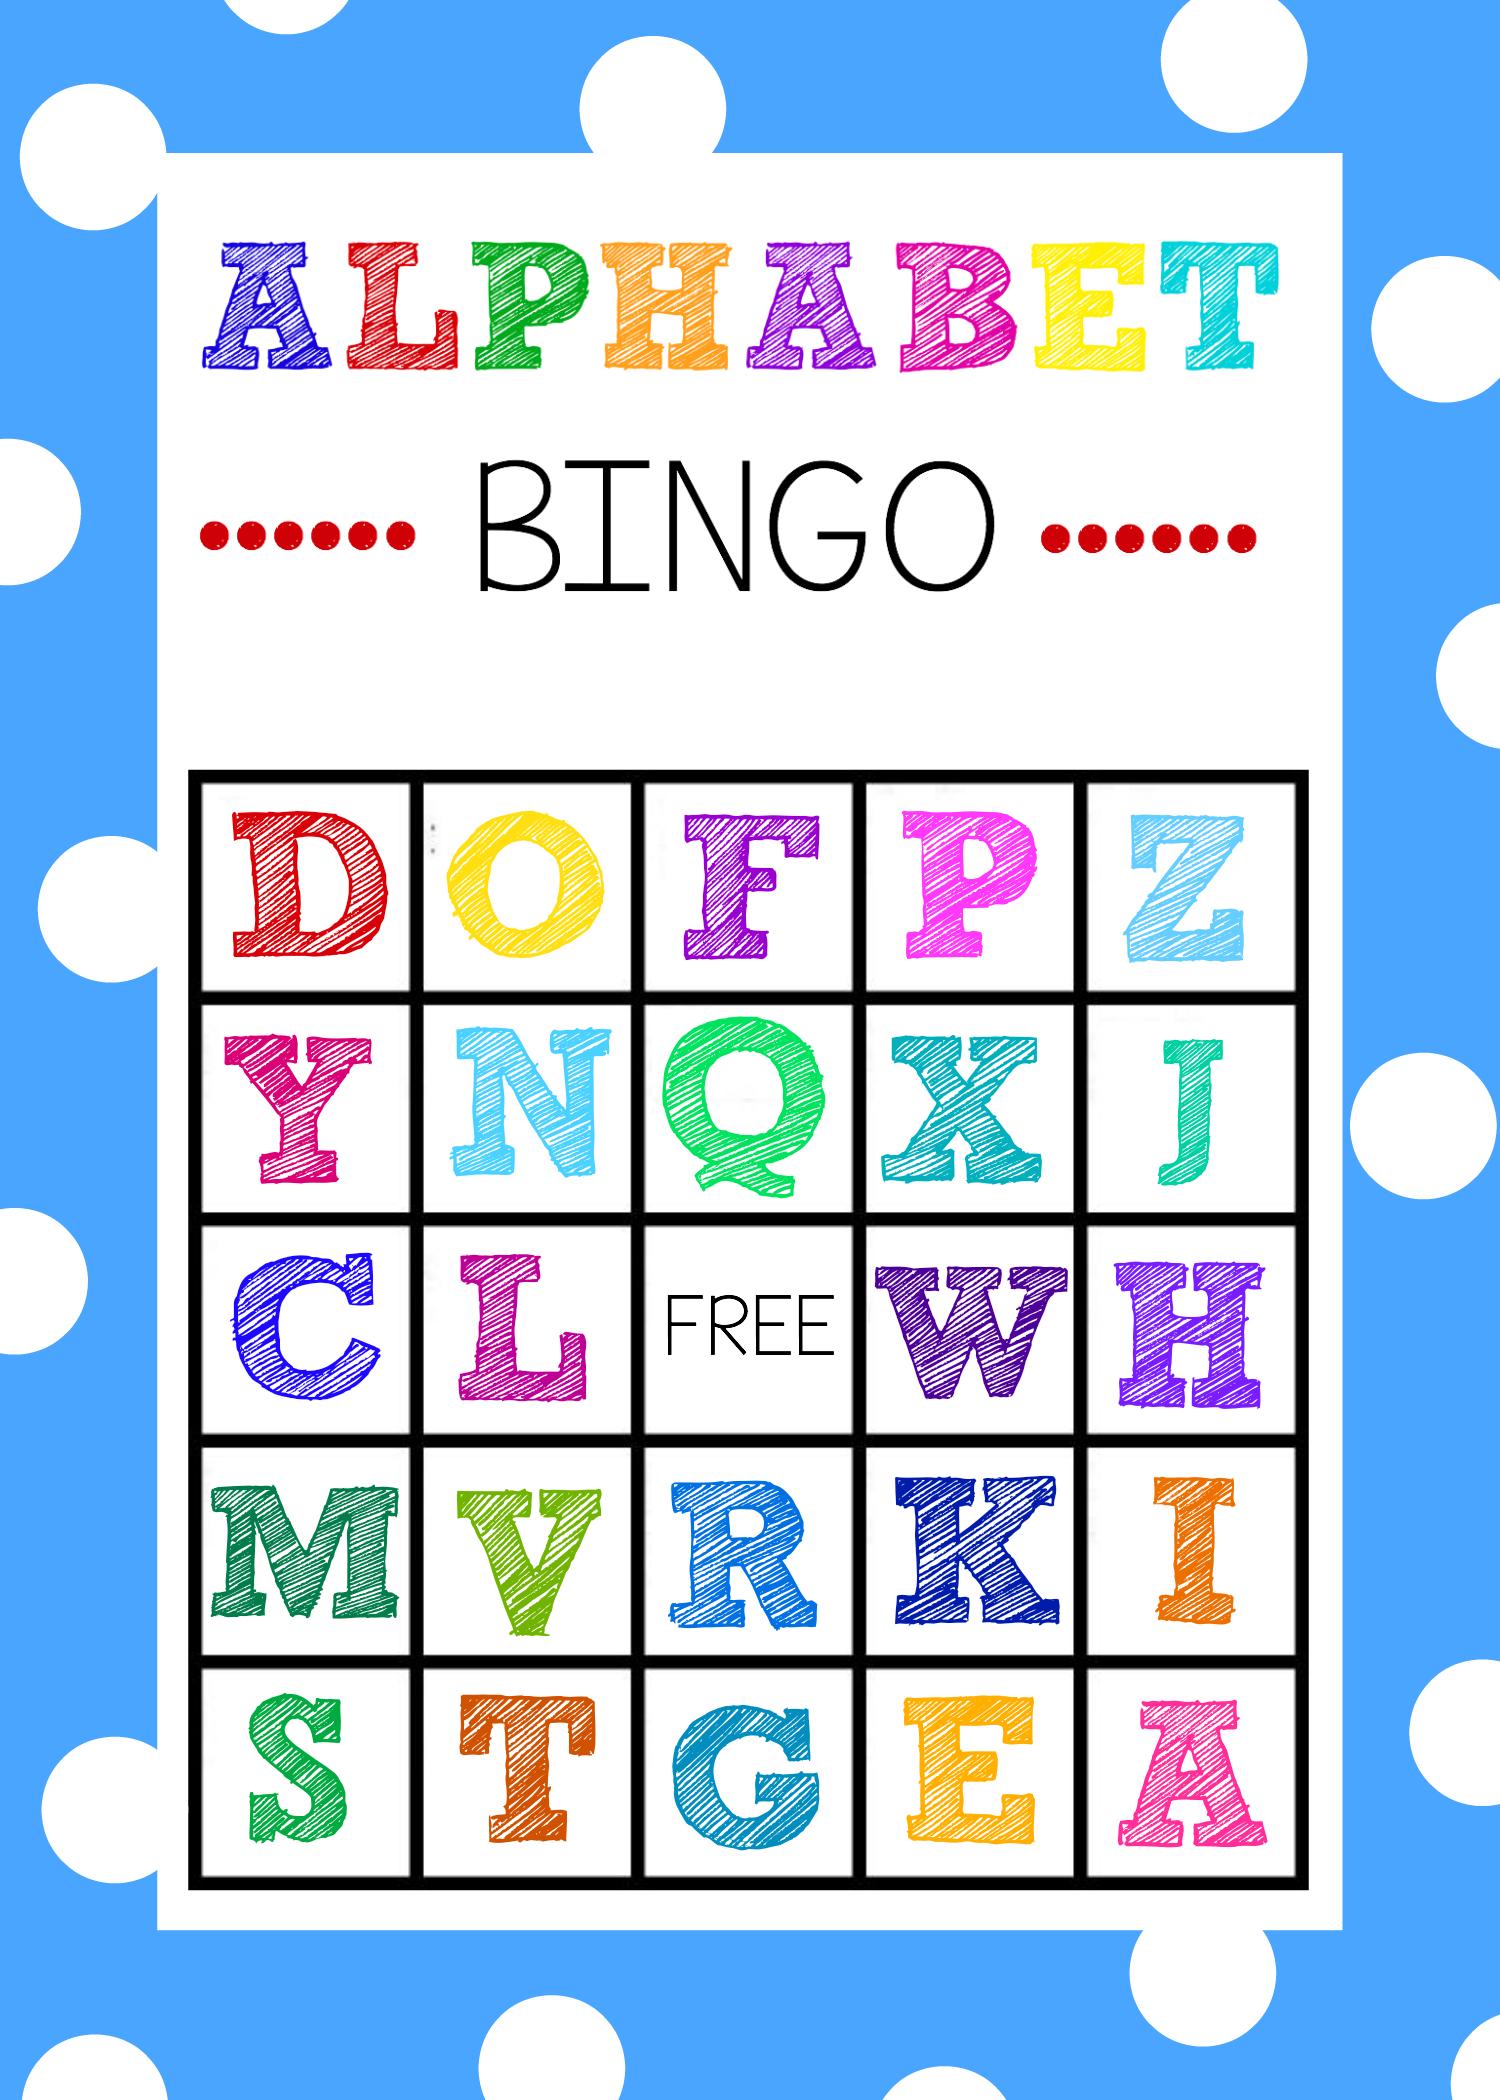 Free Printable Alphabet Bingo Game | Abc Games | Pinterest - Free Printable Alphabet Board Games